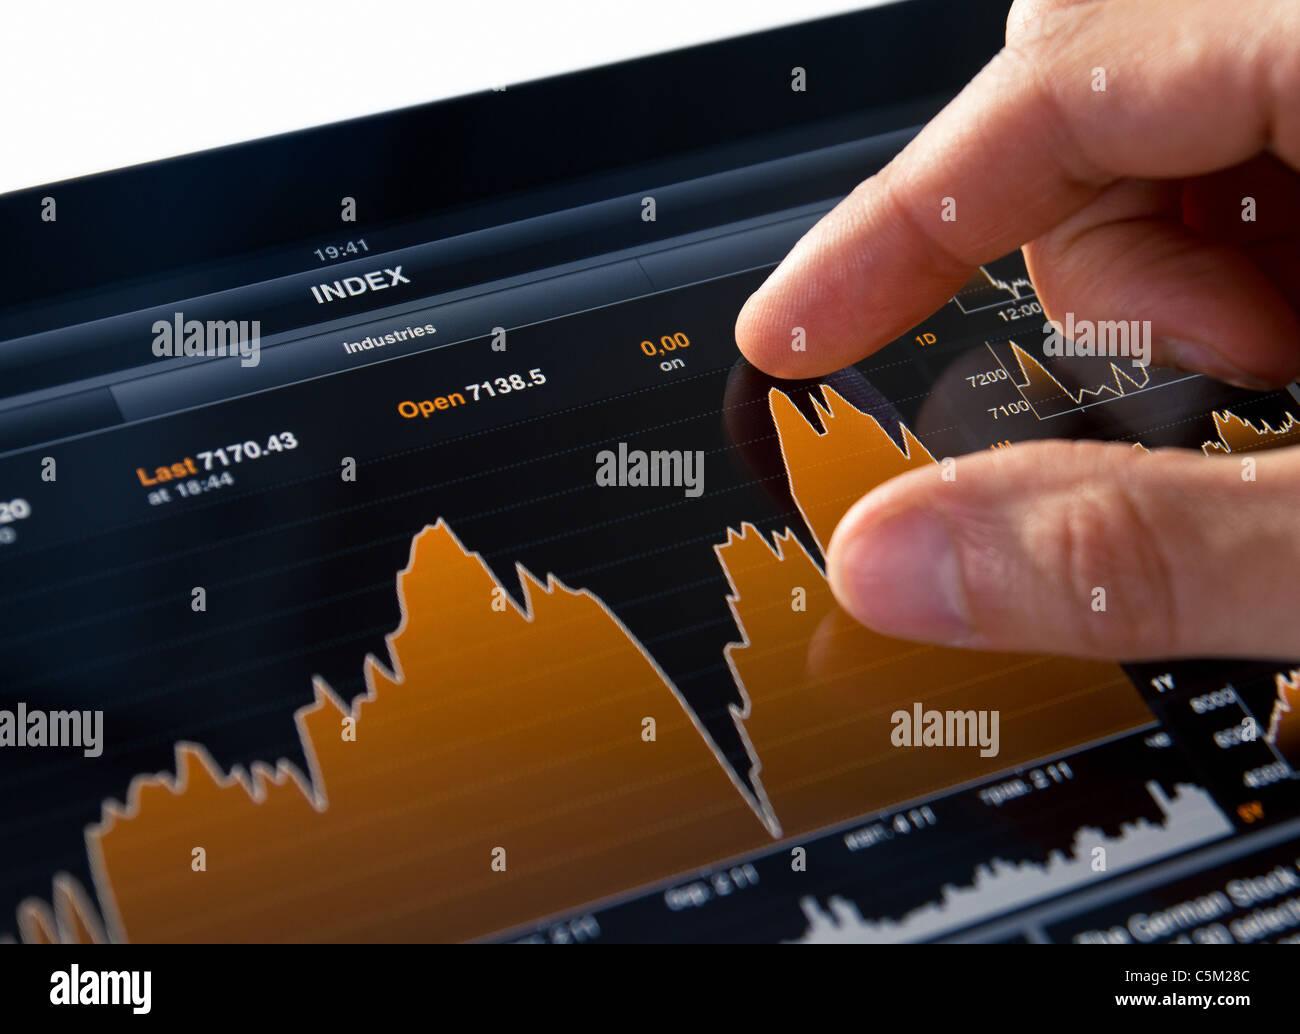 Análisis gráfico de mercado bursátil en Tablet PC Digital Foto de stock